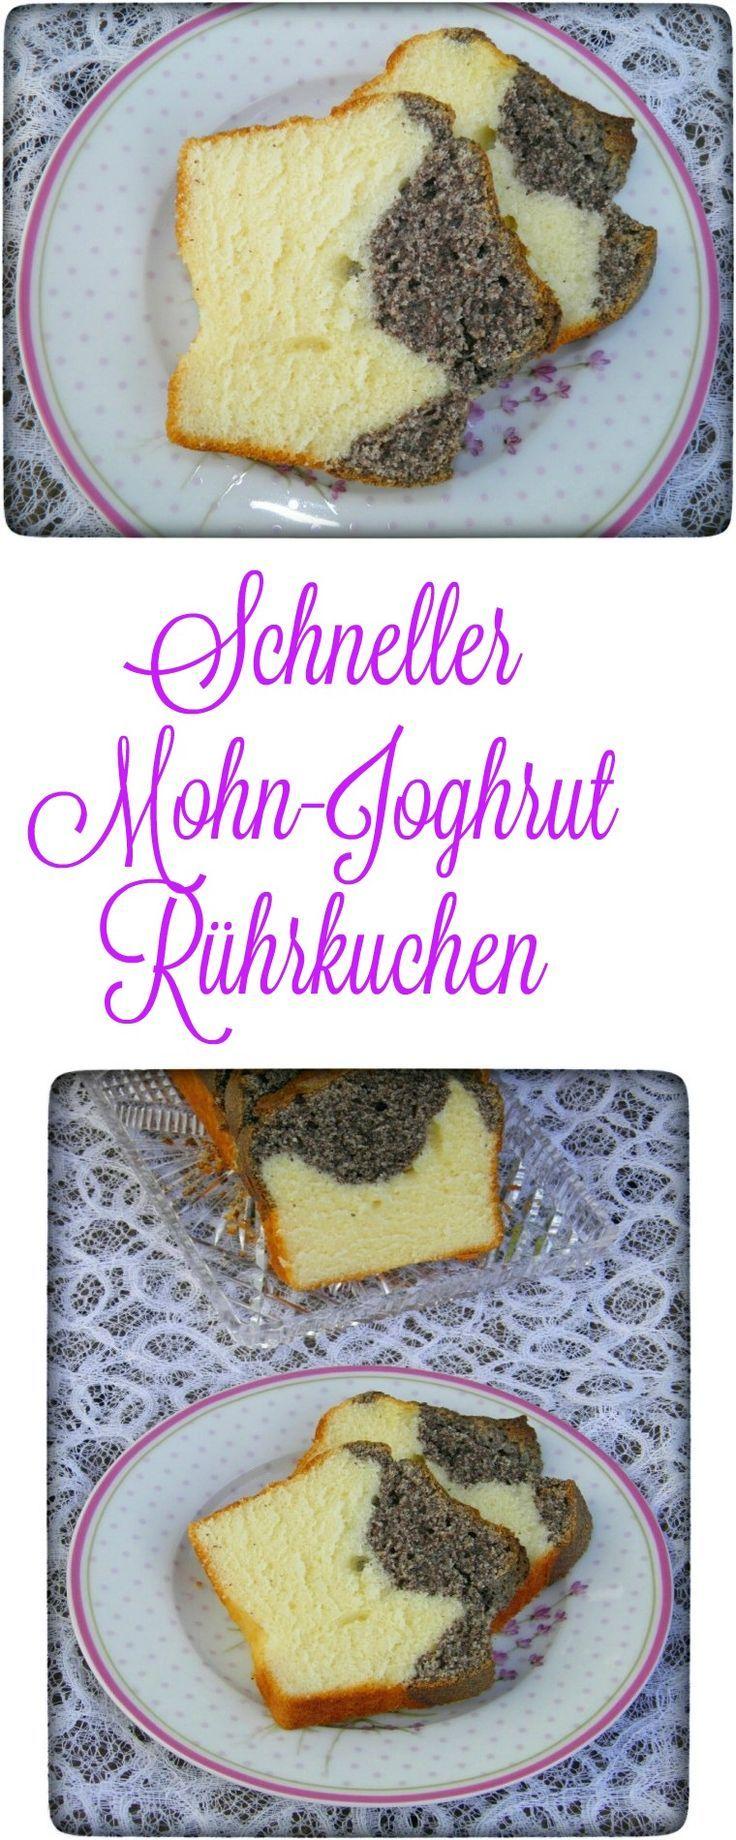 Mohn-Joghurt Kuchen ist wirklich ein Blitzkuchen und dazu so lecker. Wenn sich Besuch ankündigt oder ich mal wieder Lust auf Mohn habe, ist dieser Kuchen wirklich meine erste Option. Er ist in 5 Minuten fertig und muss nur noch in den Backofen geschoben werden. Sowohl mit Thermomix als auch ohne sehr schnell zubereitet.